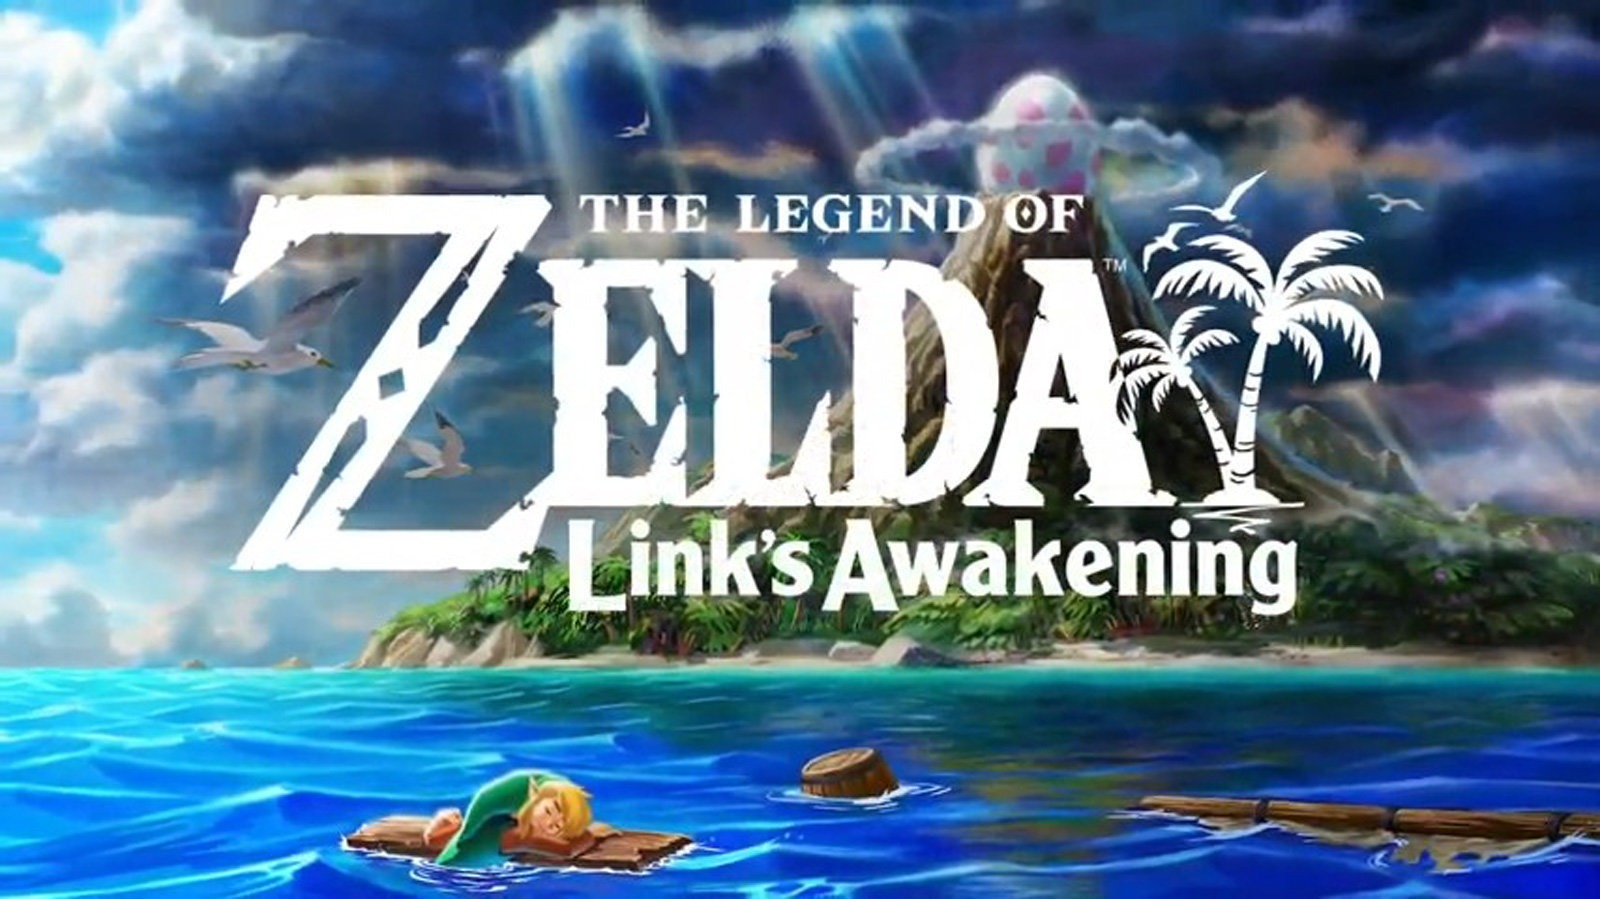 The Legend Of Zelda: Link's Awakening - Features, Gameplay, Releases & Reviews!